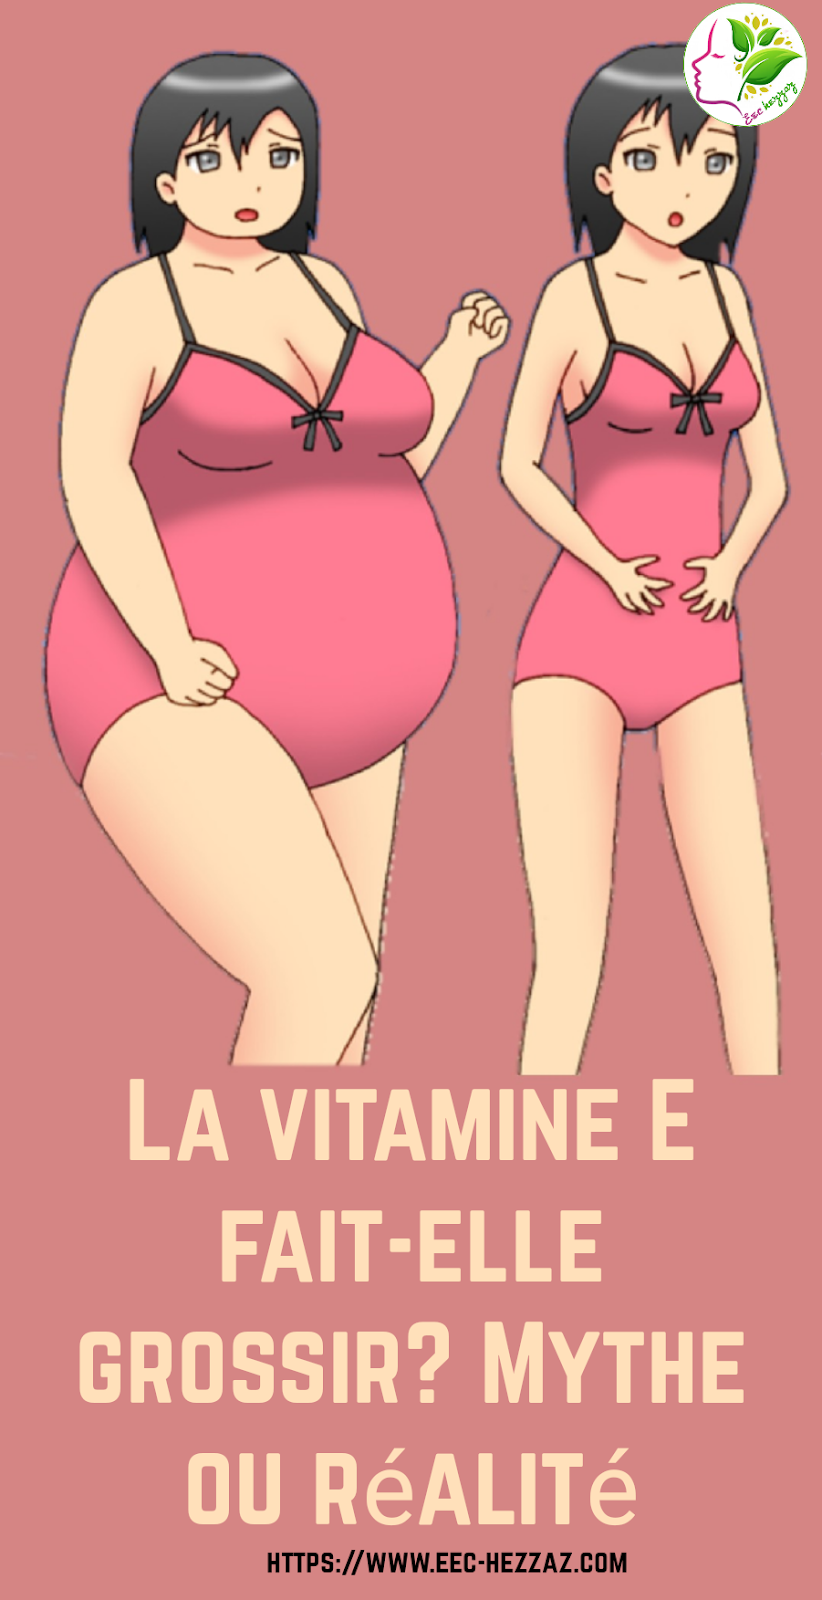 La vitamine E fait-elle grossir? Mythe ou réalité